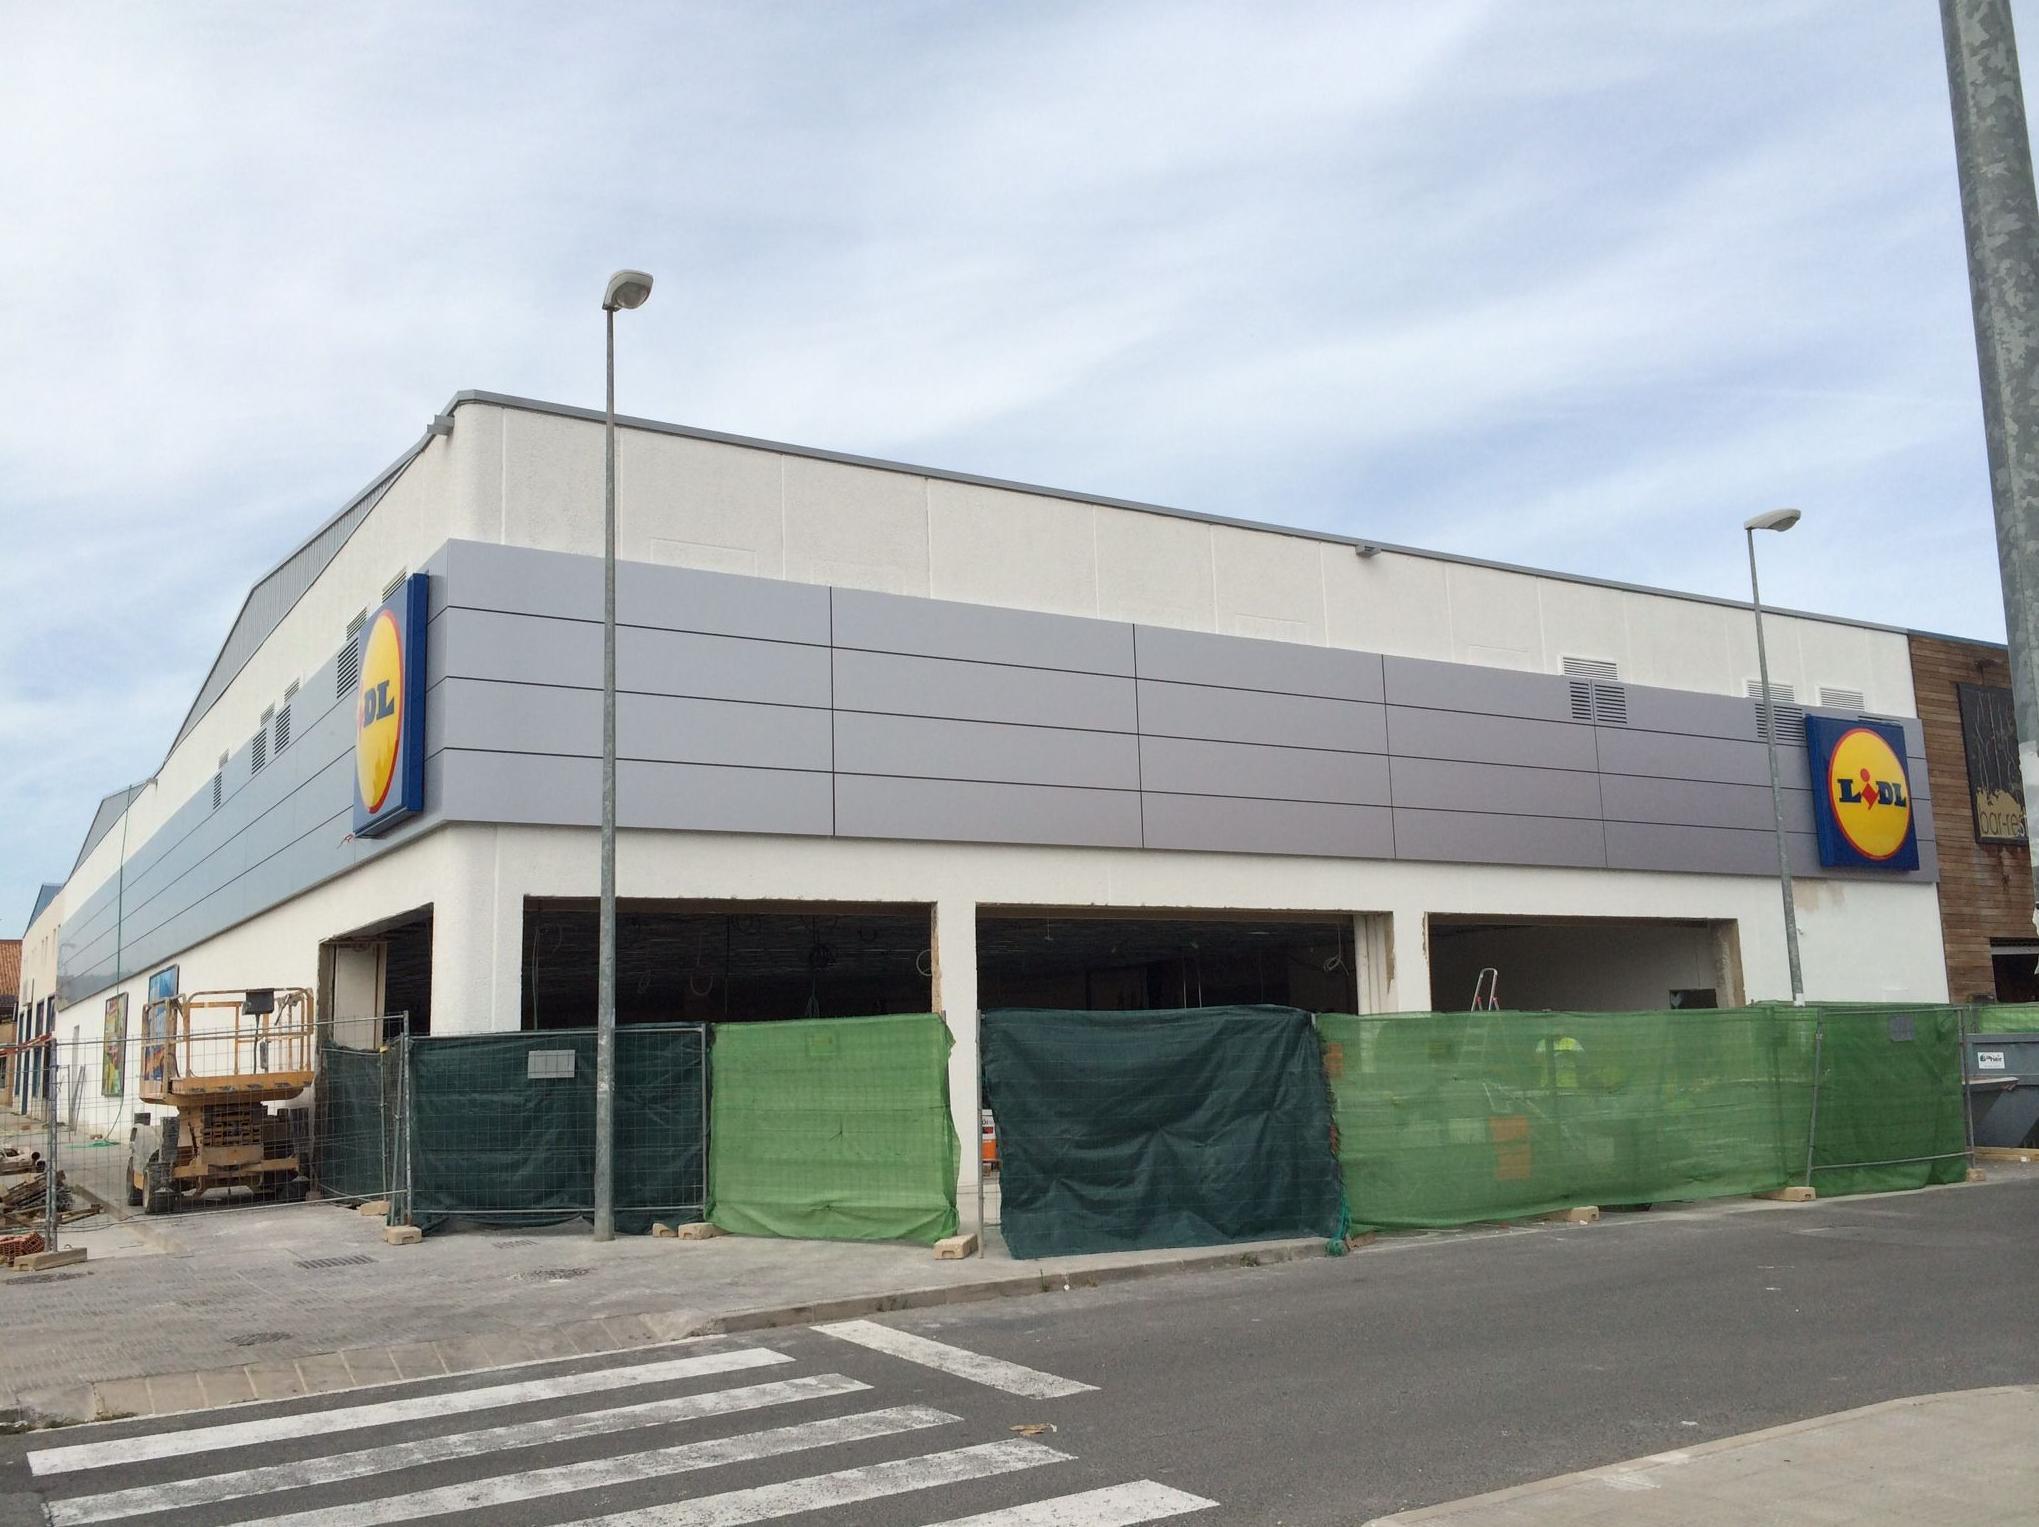 Tabitec finaliza cuatro supermercados lidl for Lidl oficinas centrales